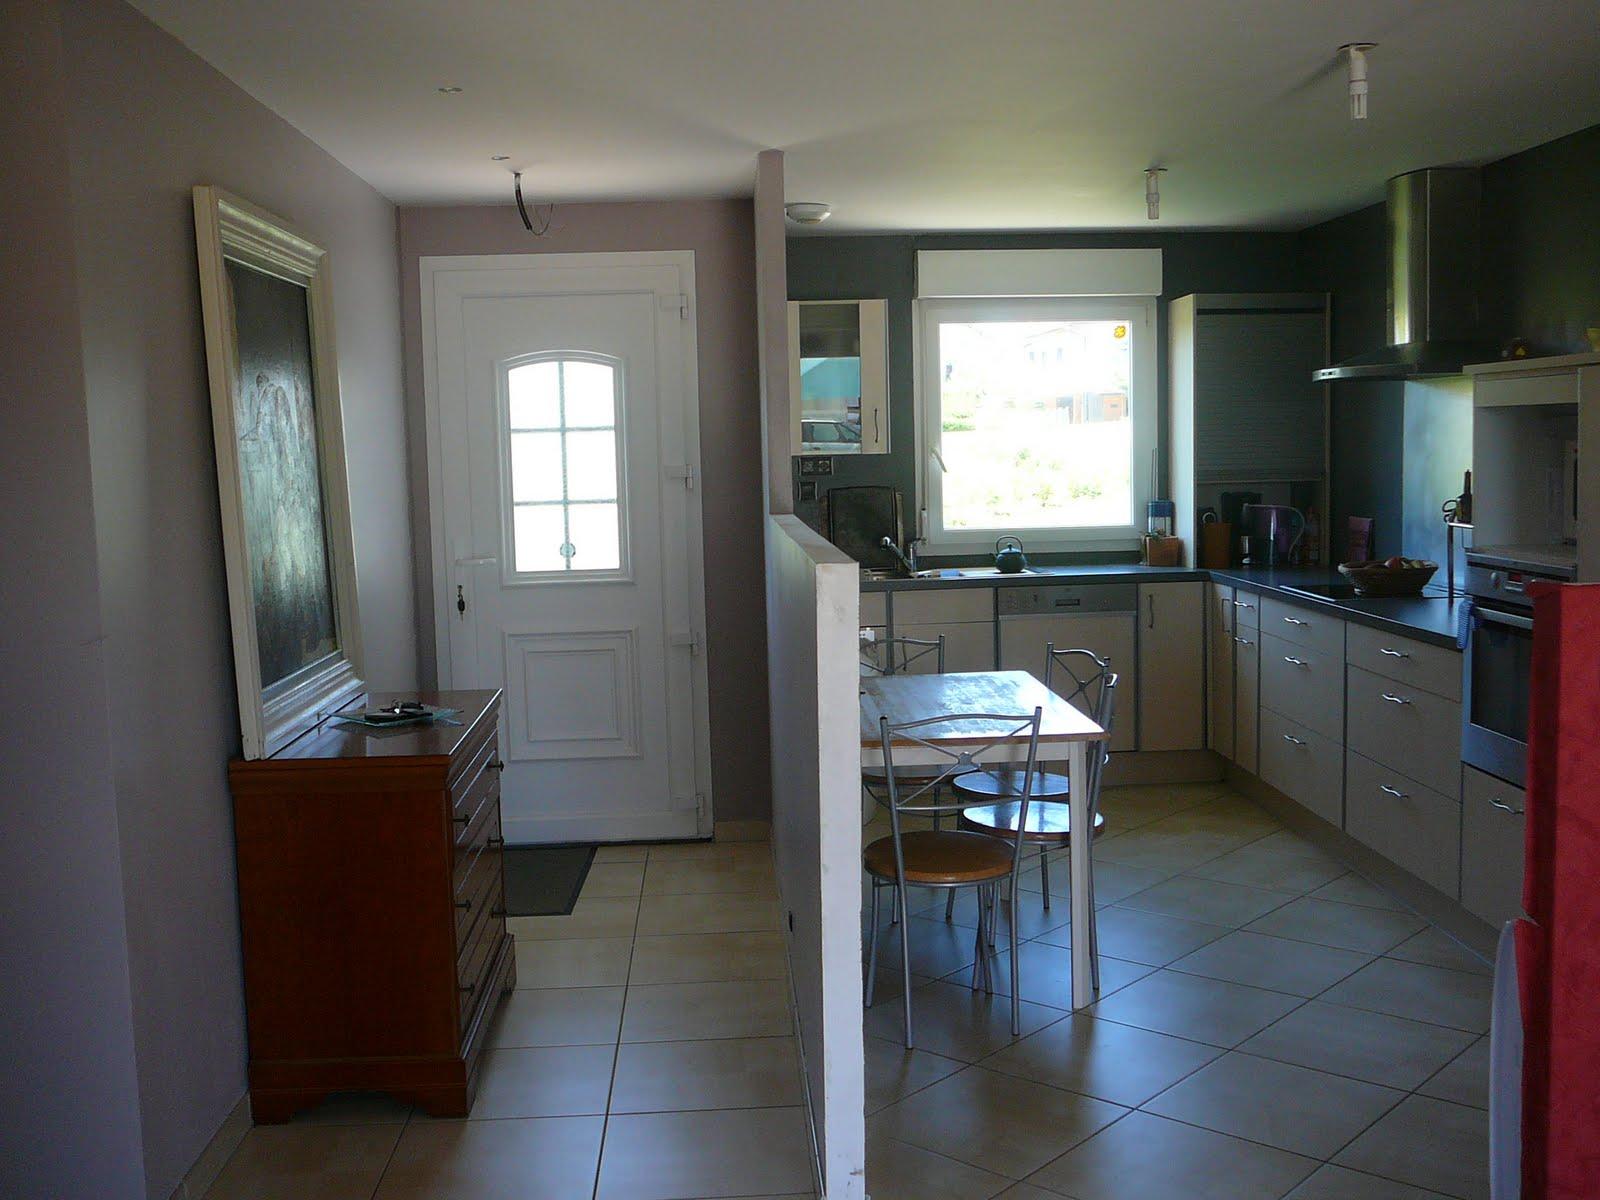 Bien connu Maison bleue à découvrir: entrée et cuisine semi ouverte ZU01